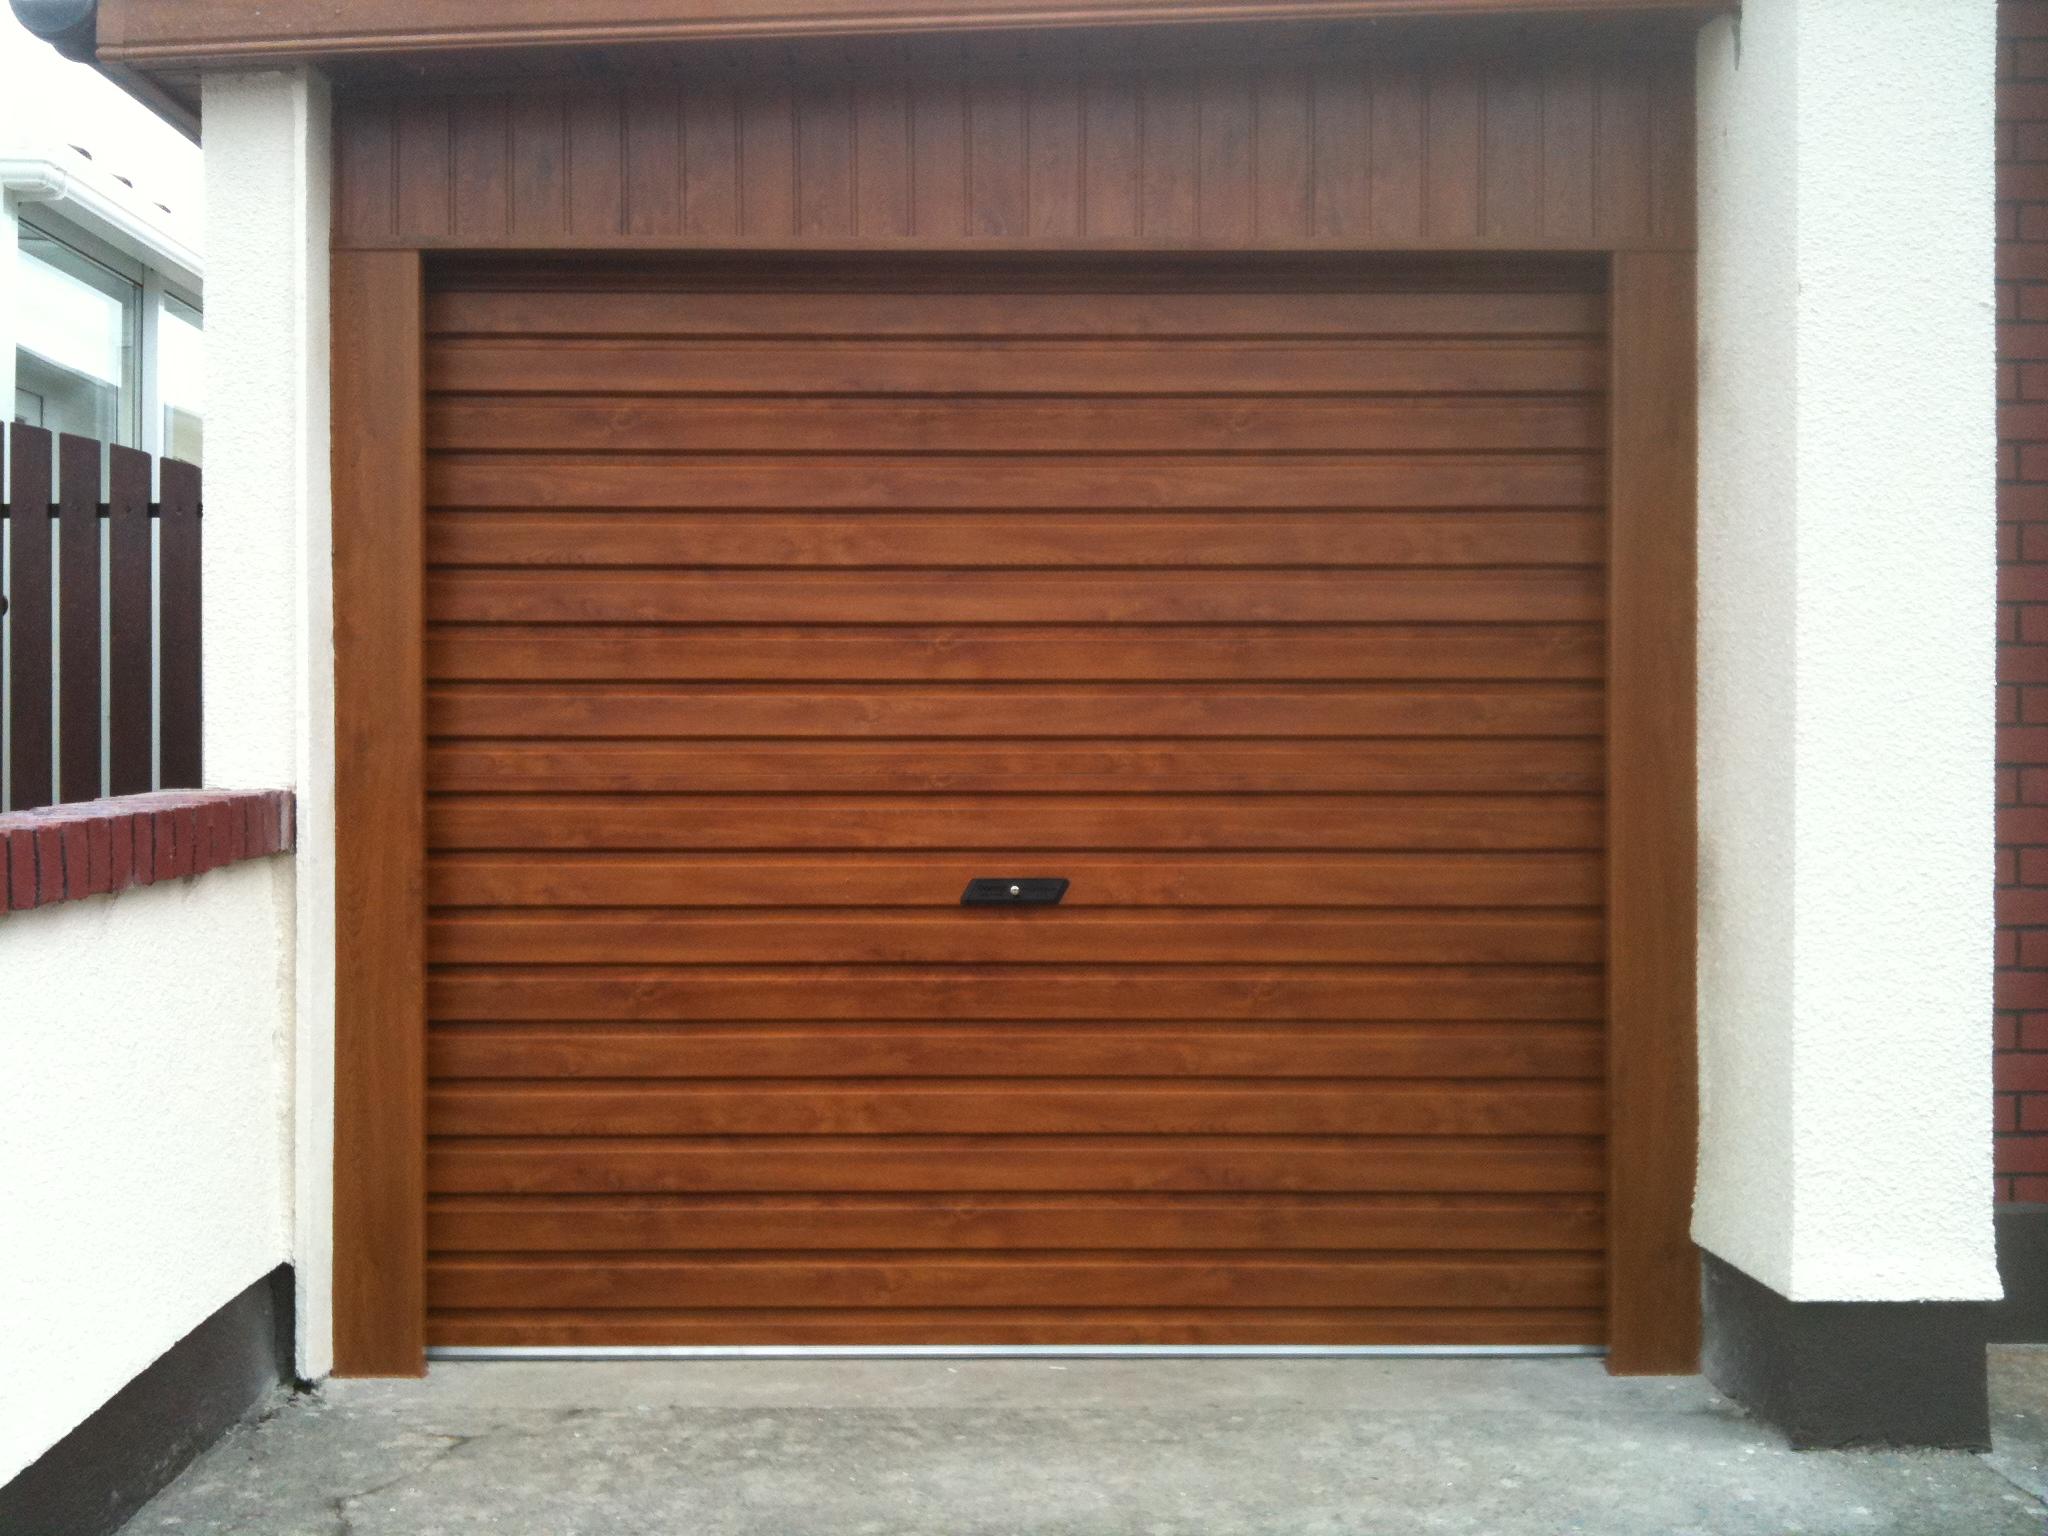 insulate doors a inexpensive to door youtube how watch the garage gds way